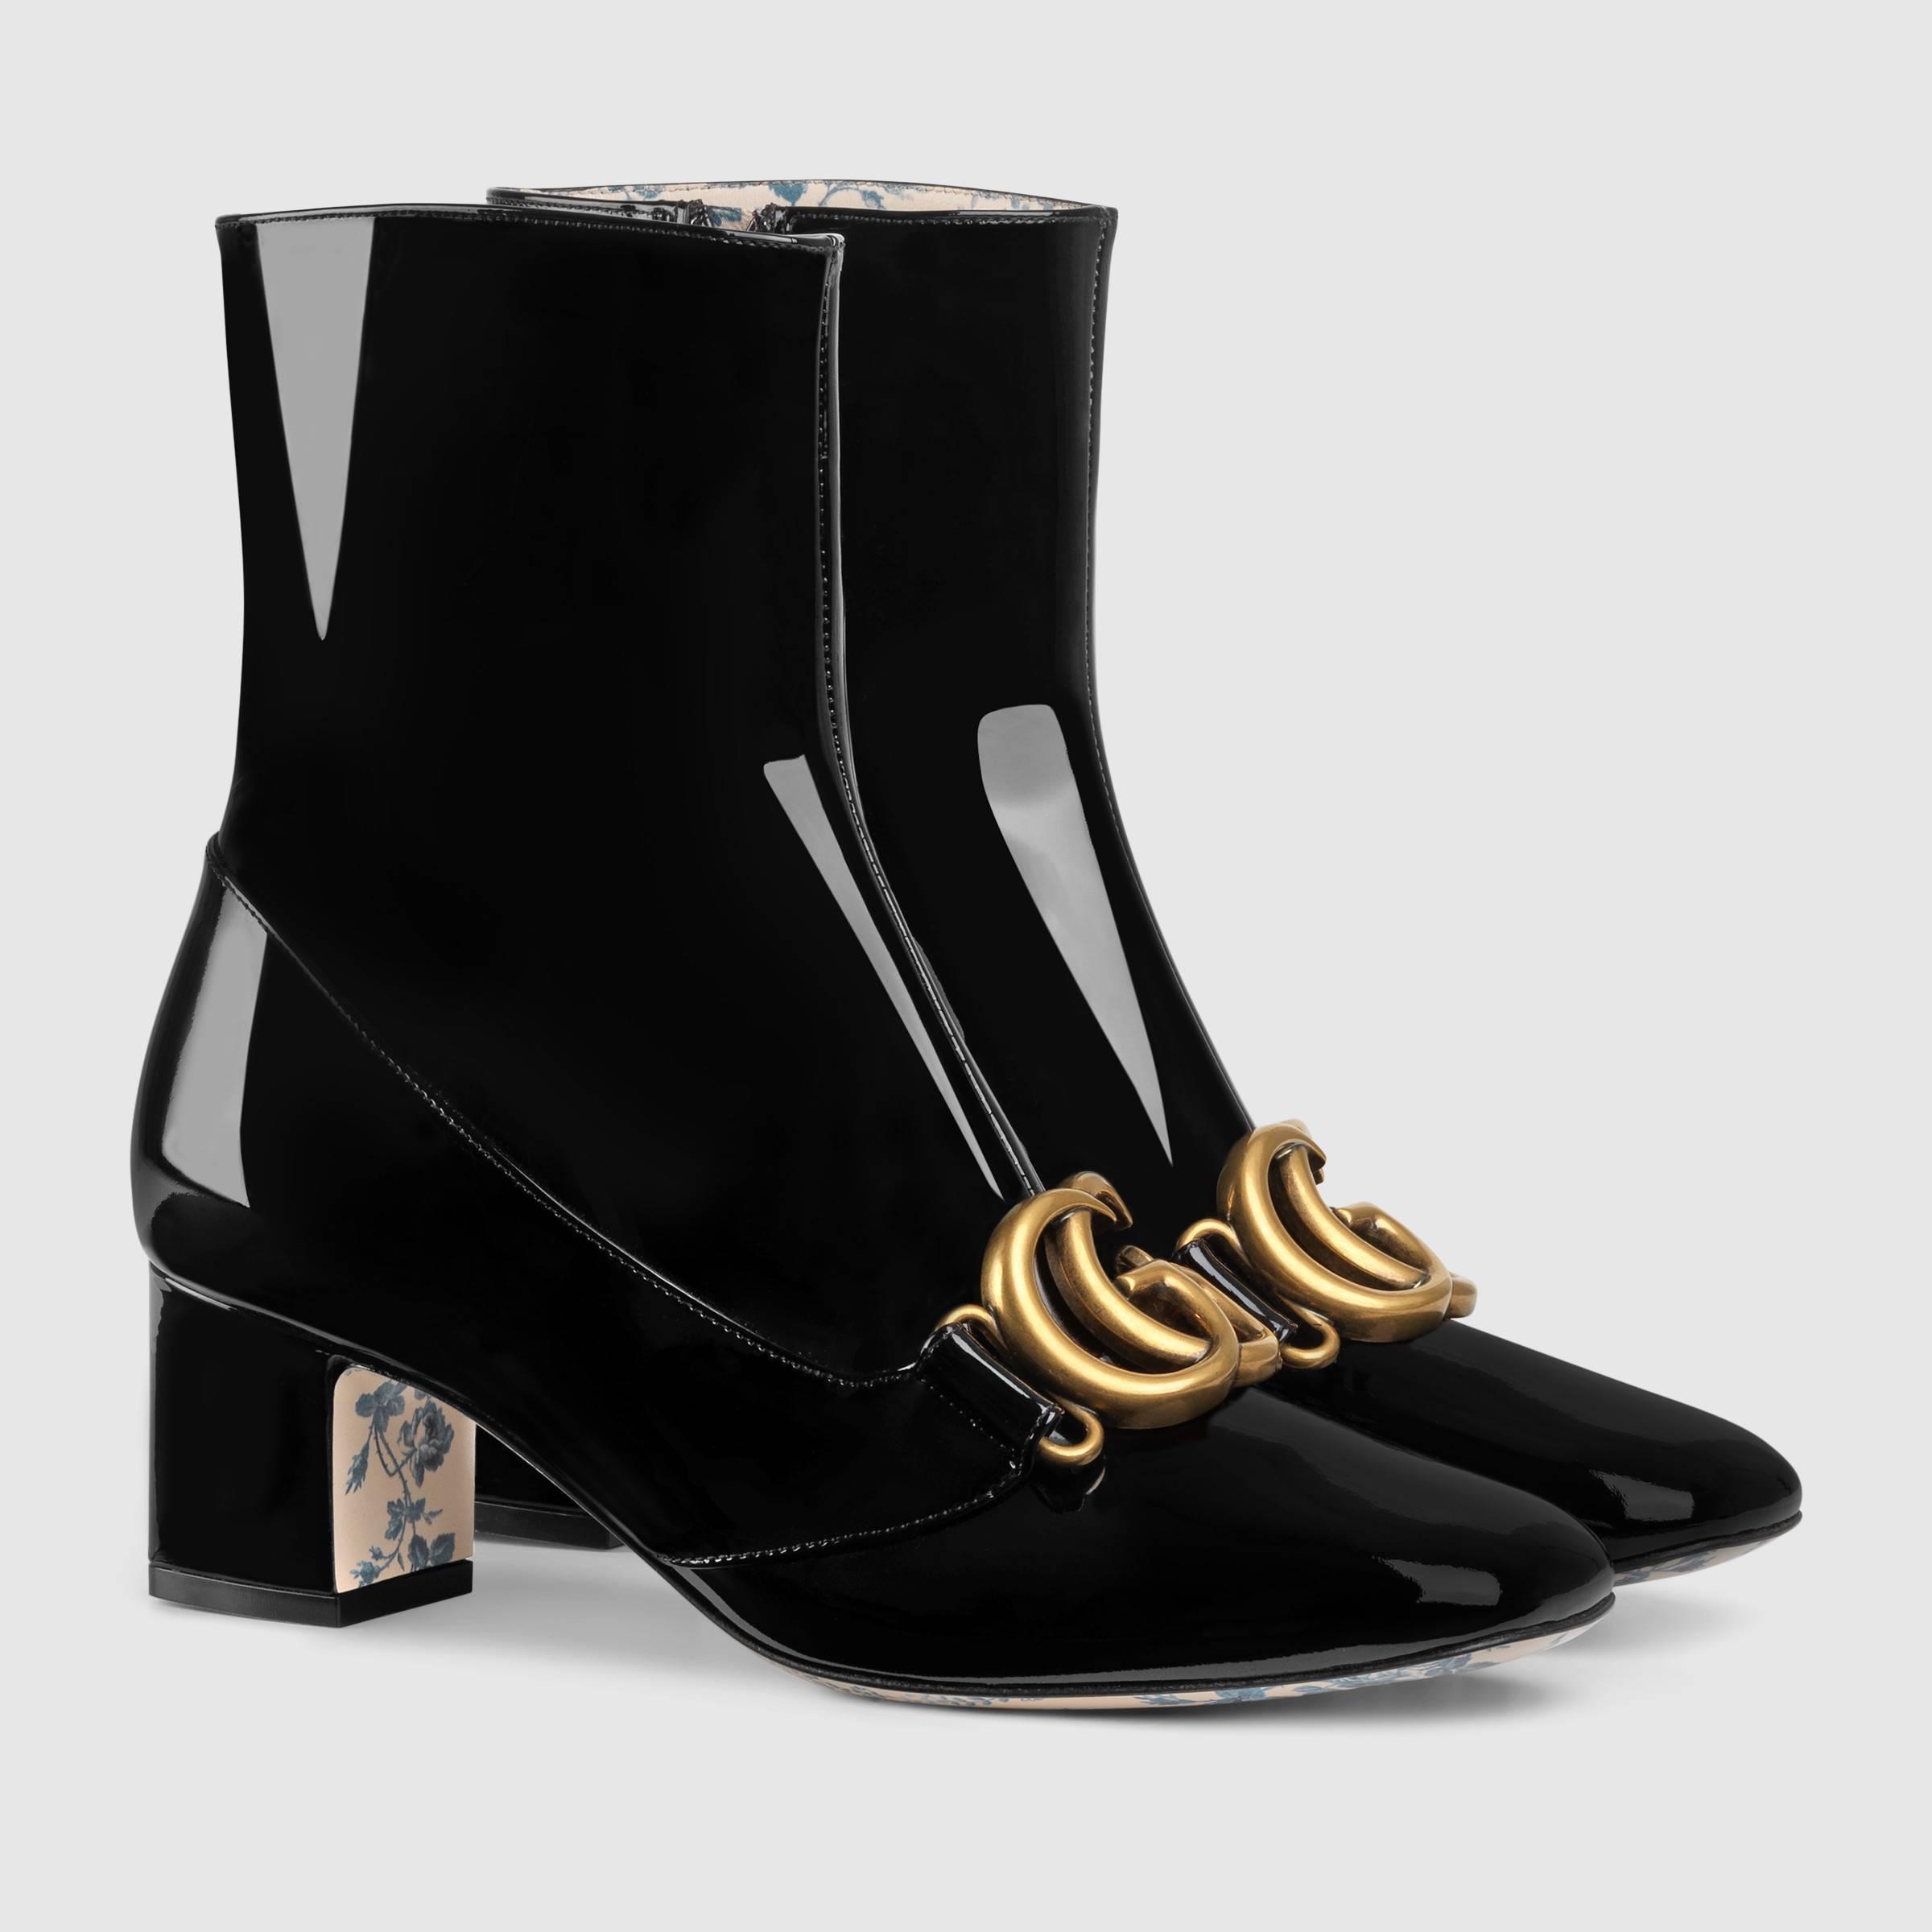 Stivaletti eleganti Gucci